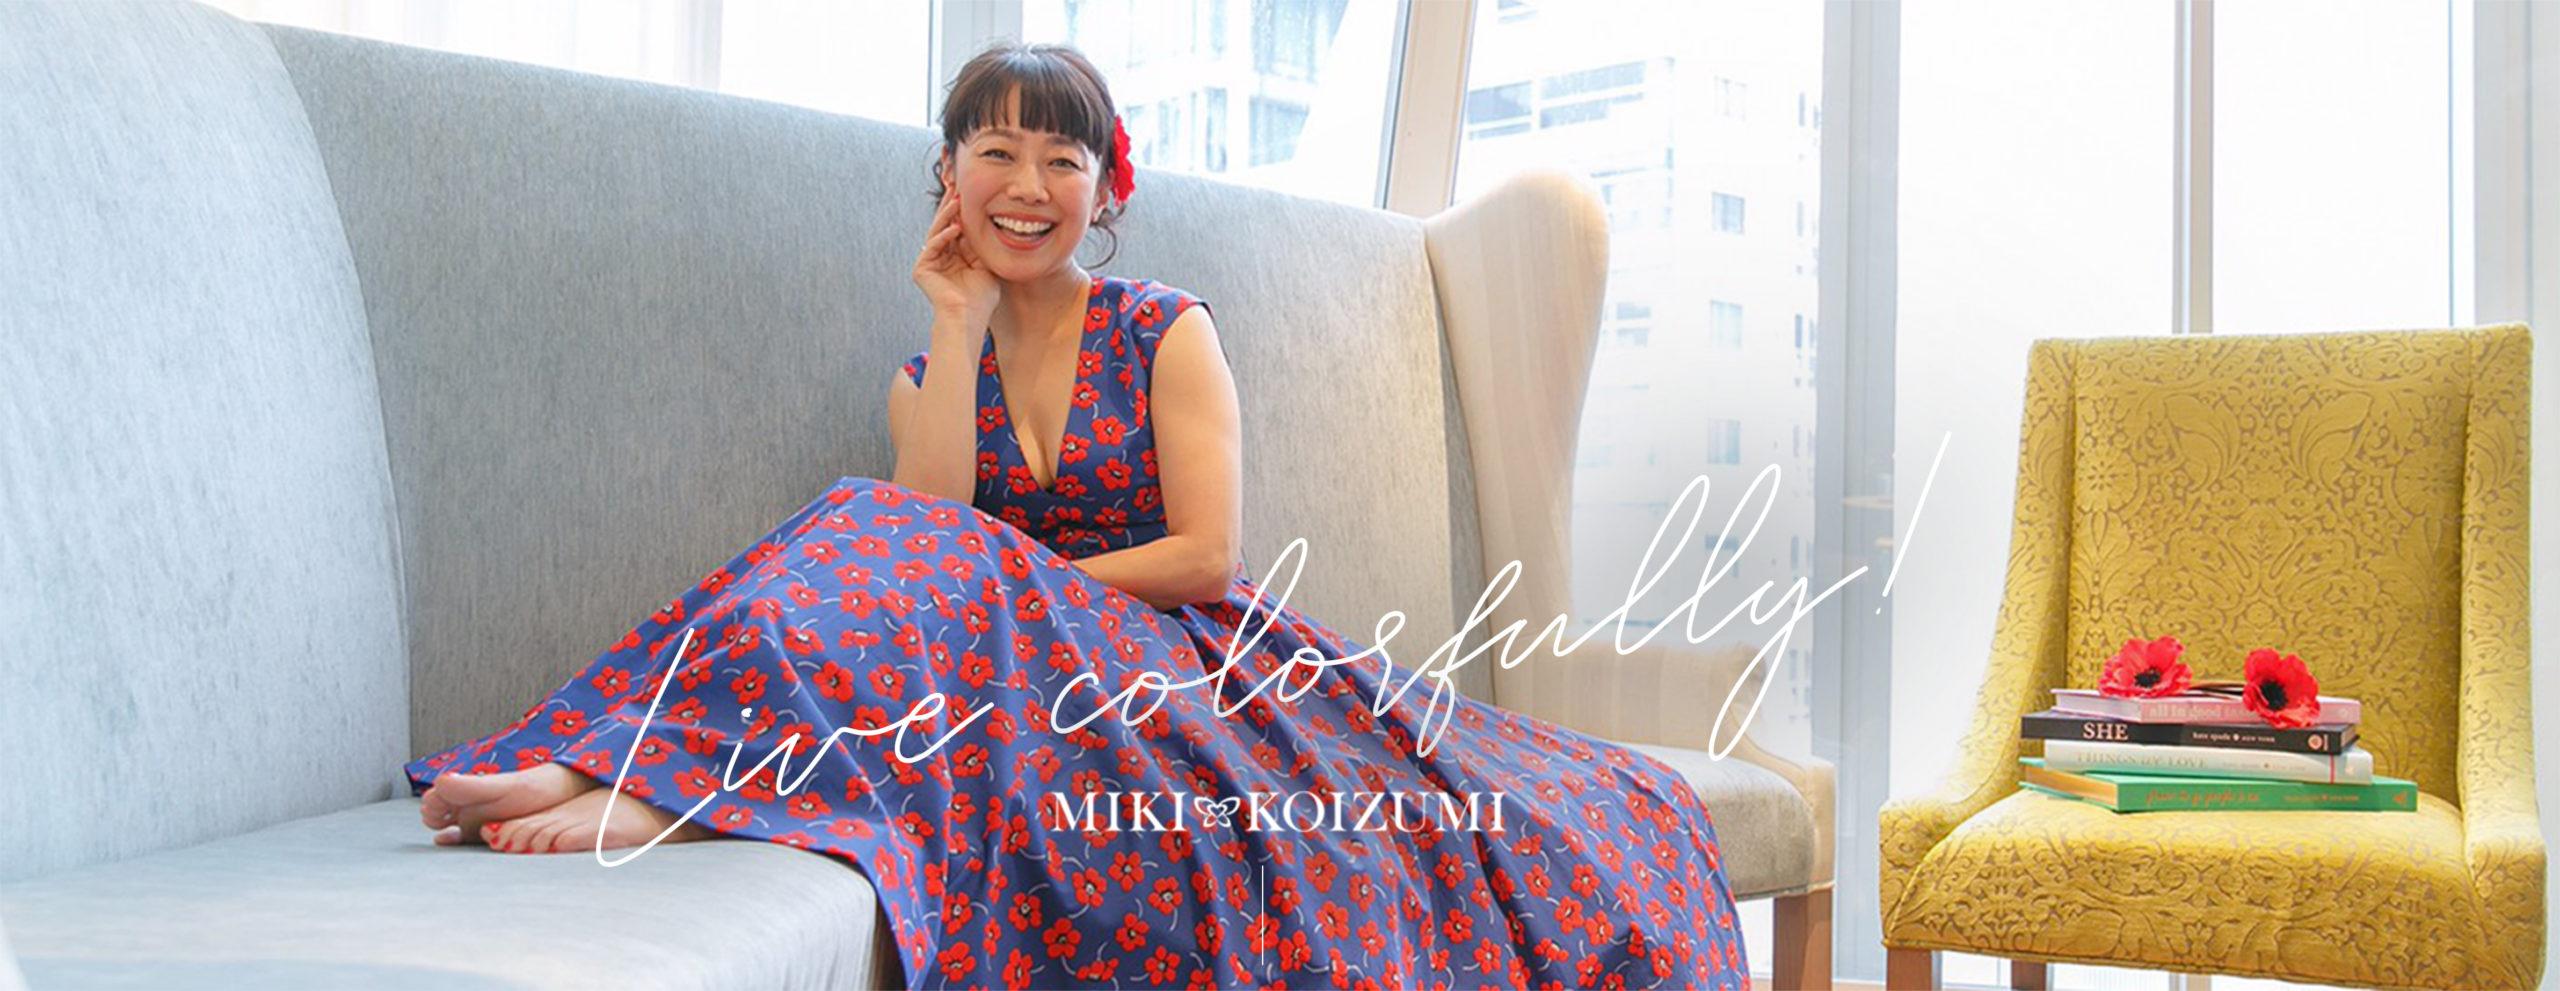 小泉美樹オフィシャルサイト〜自分愛でのすすめ〜トップ画像